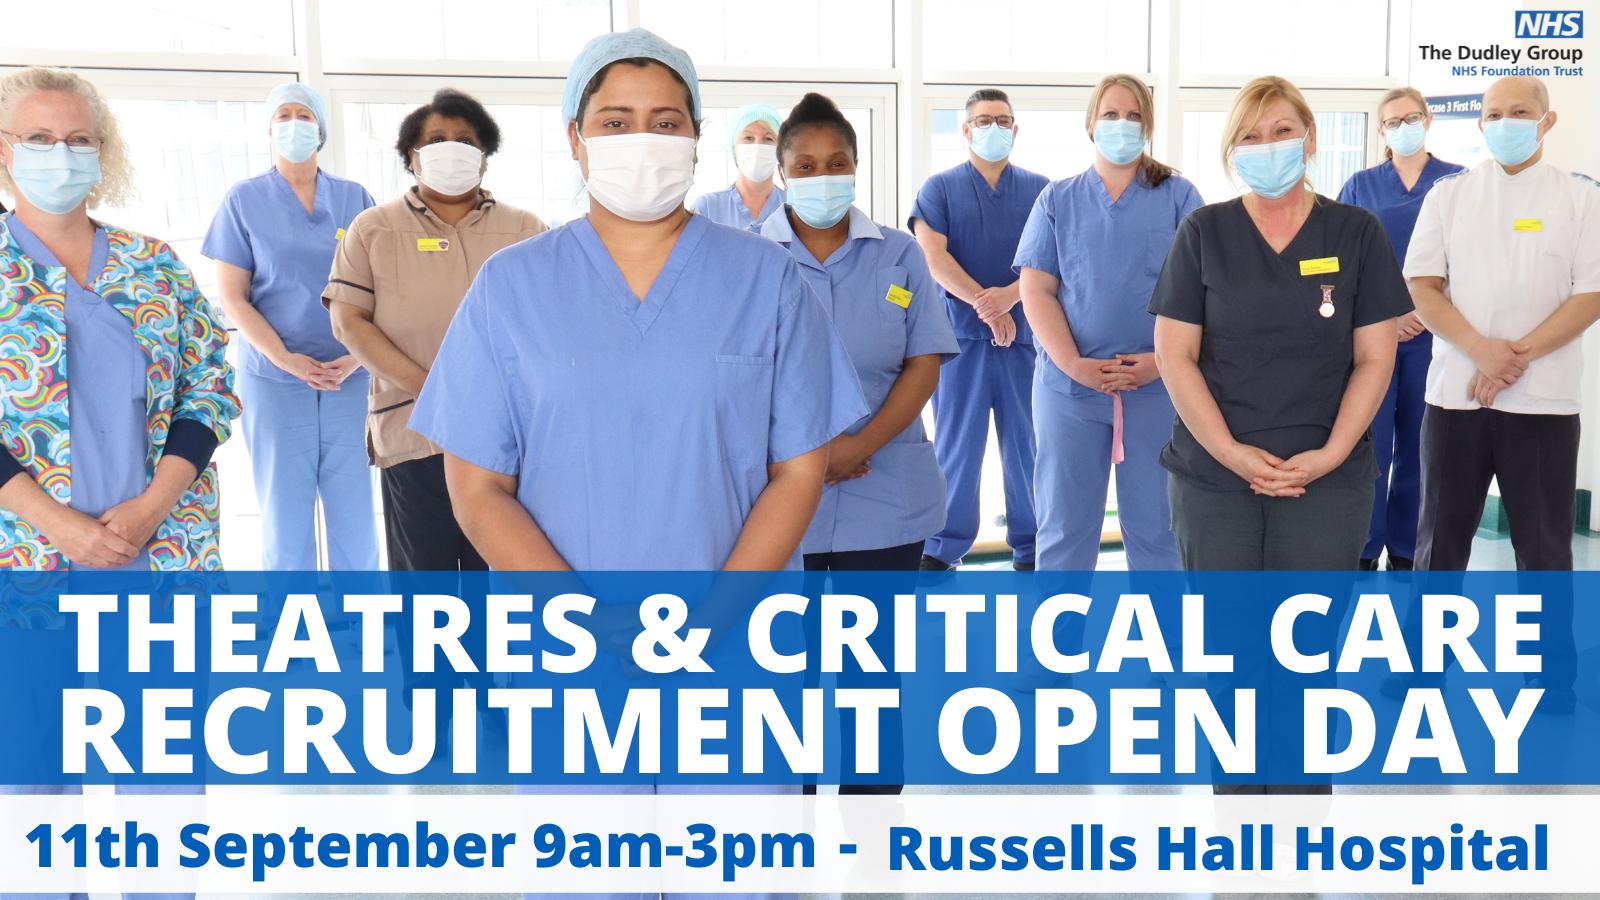 Theatre & Critical Care recruitment